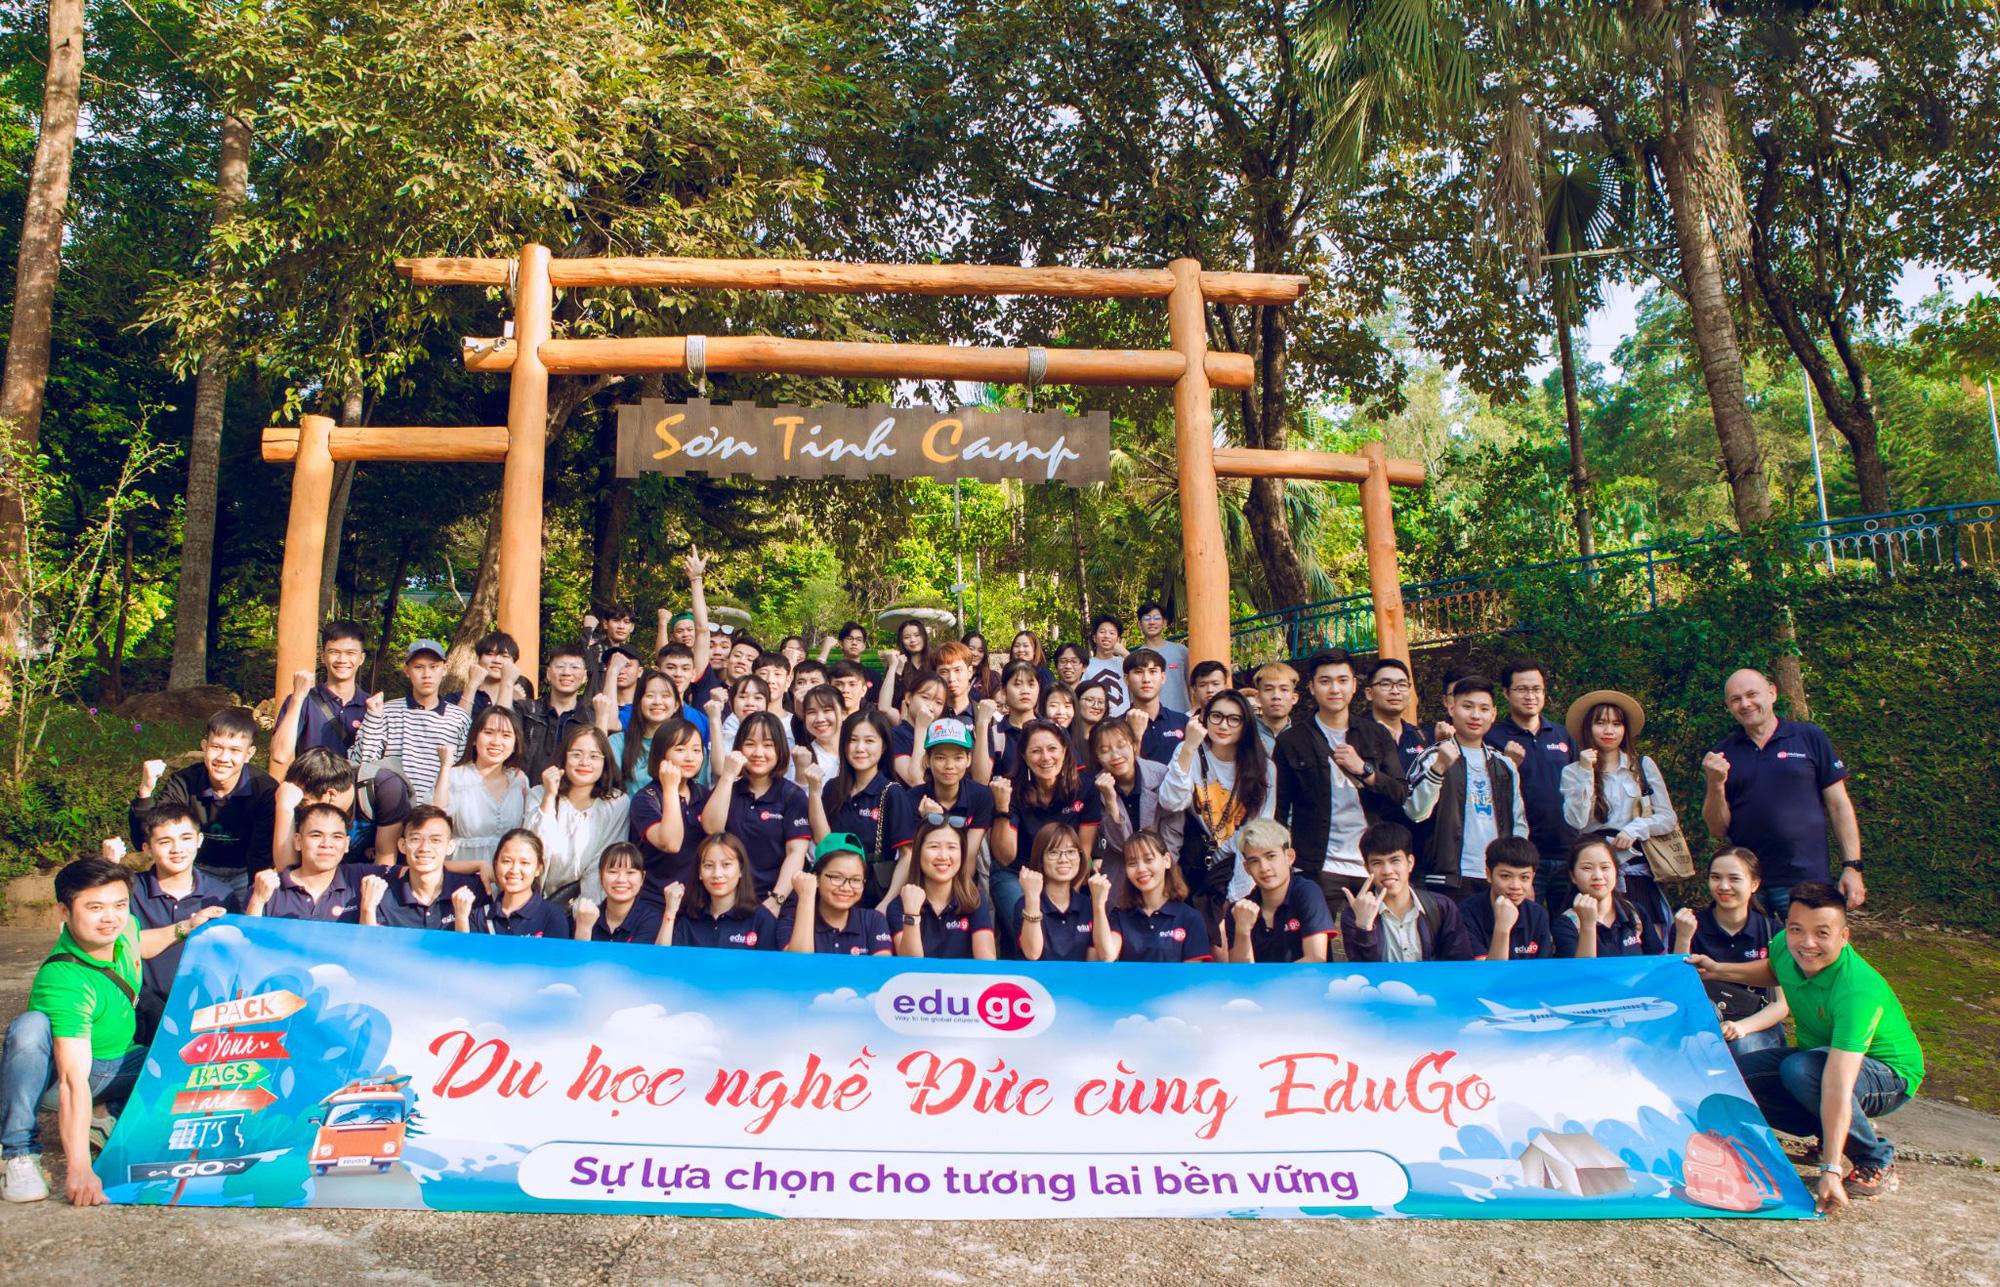 Du học nghề Đức - Hướng đi nghề nghiệp mới của thế hệ trẻ Việt Nam - Ảnh 1.